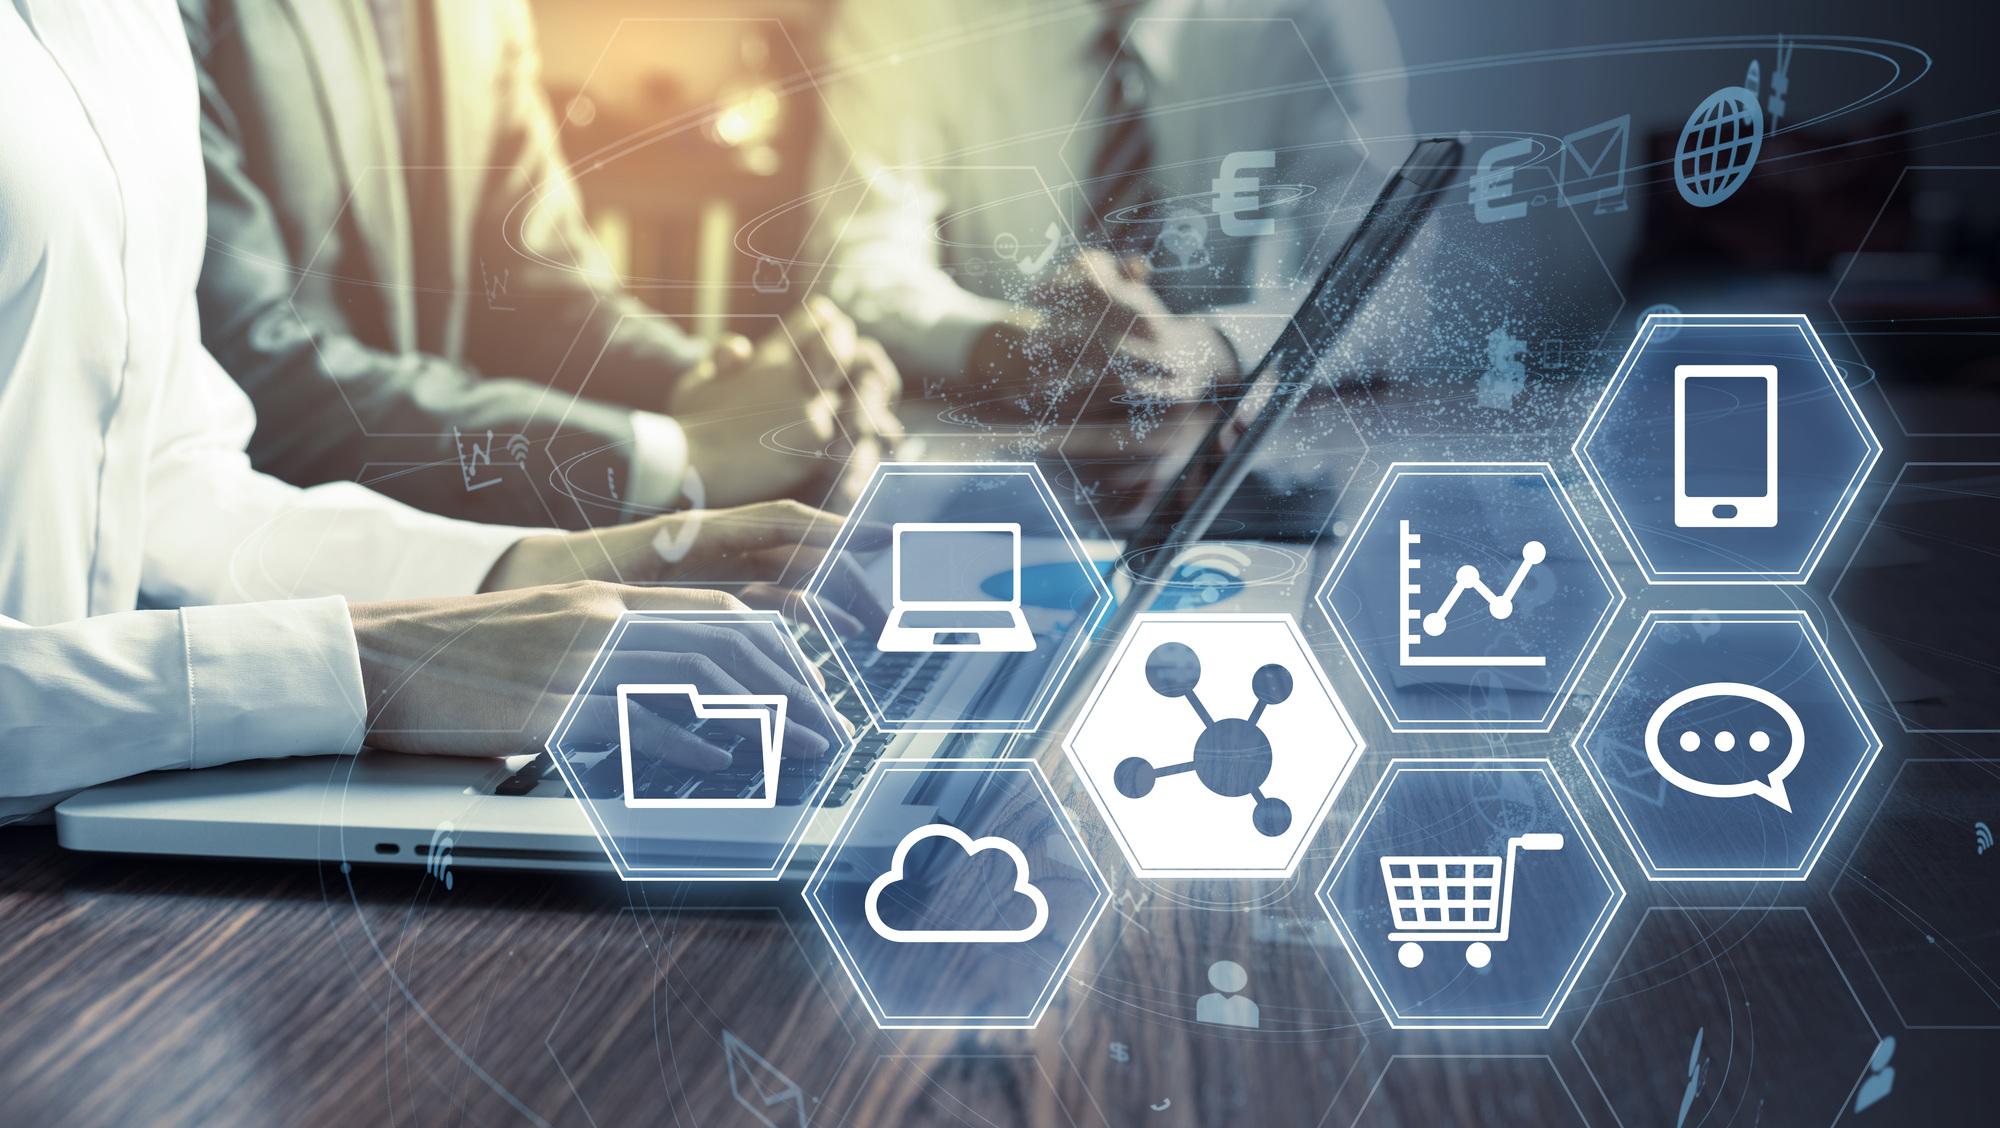 中堅企業が物流システムで競争力を向上するための導入方式とは!?